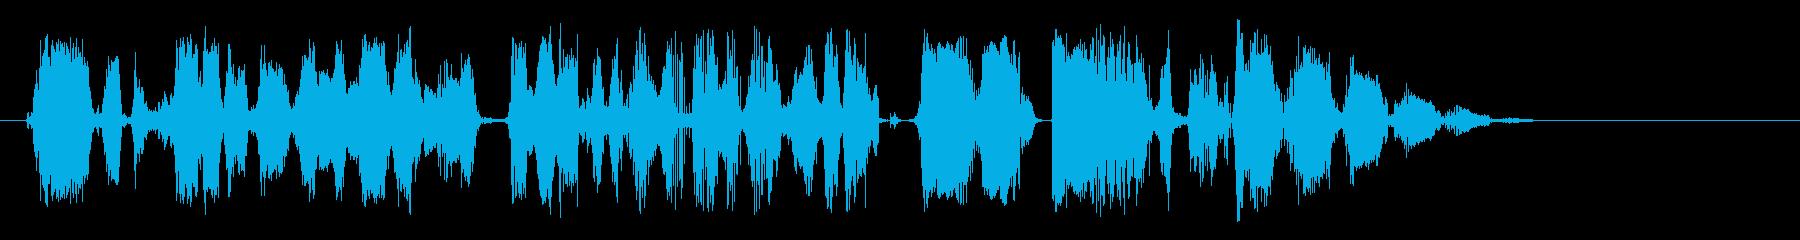 ダッククワック、ラピッド&アプセット。の再生済みの波形